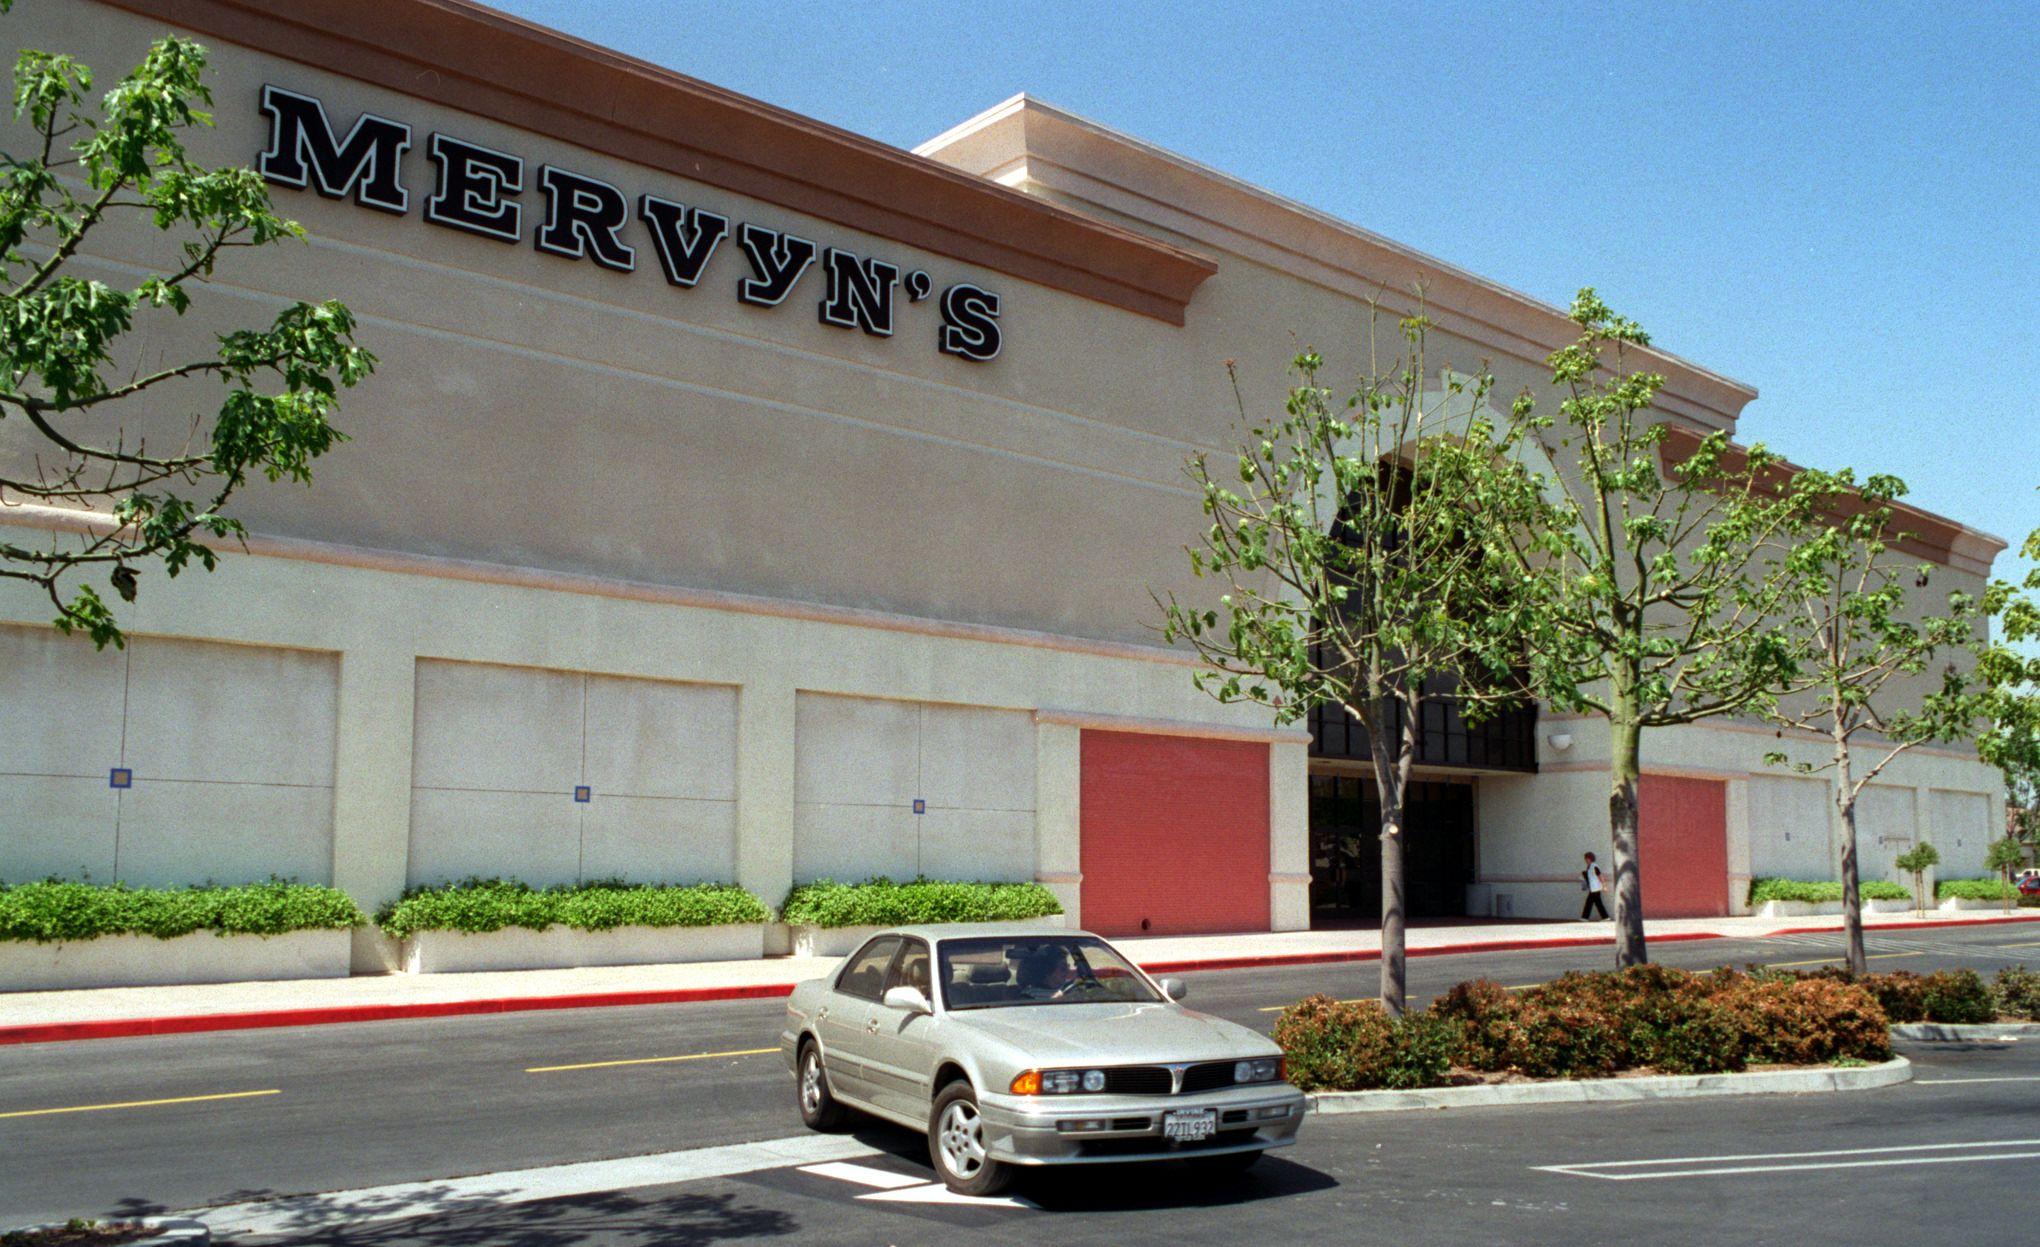 FI.Mervyn's.Outside.0410.GK—The exterior of Mervyn's , on Barranca, Irvine. Reporter:Recard